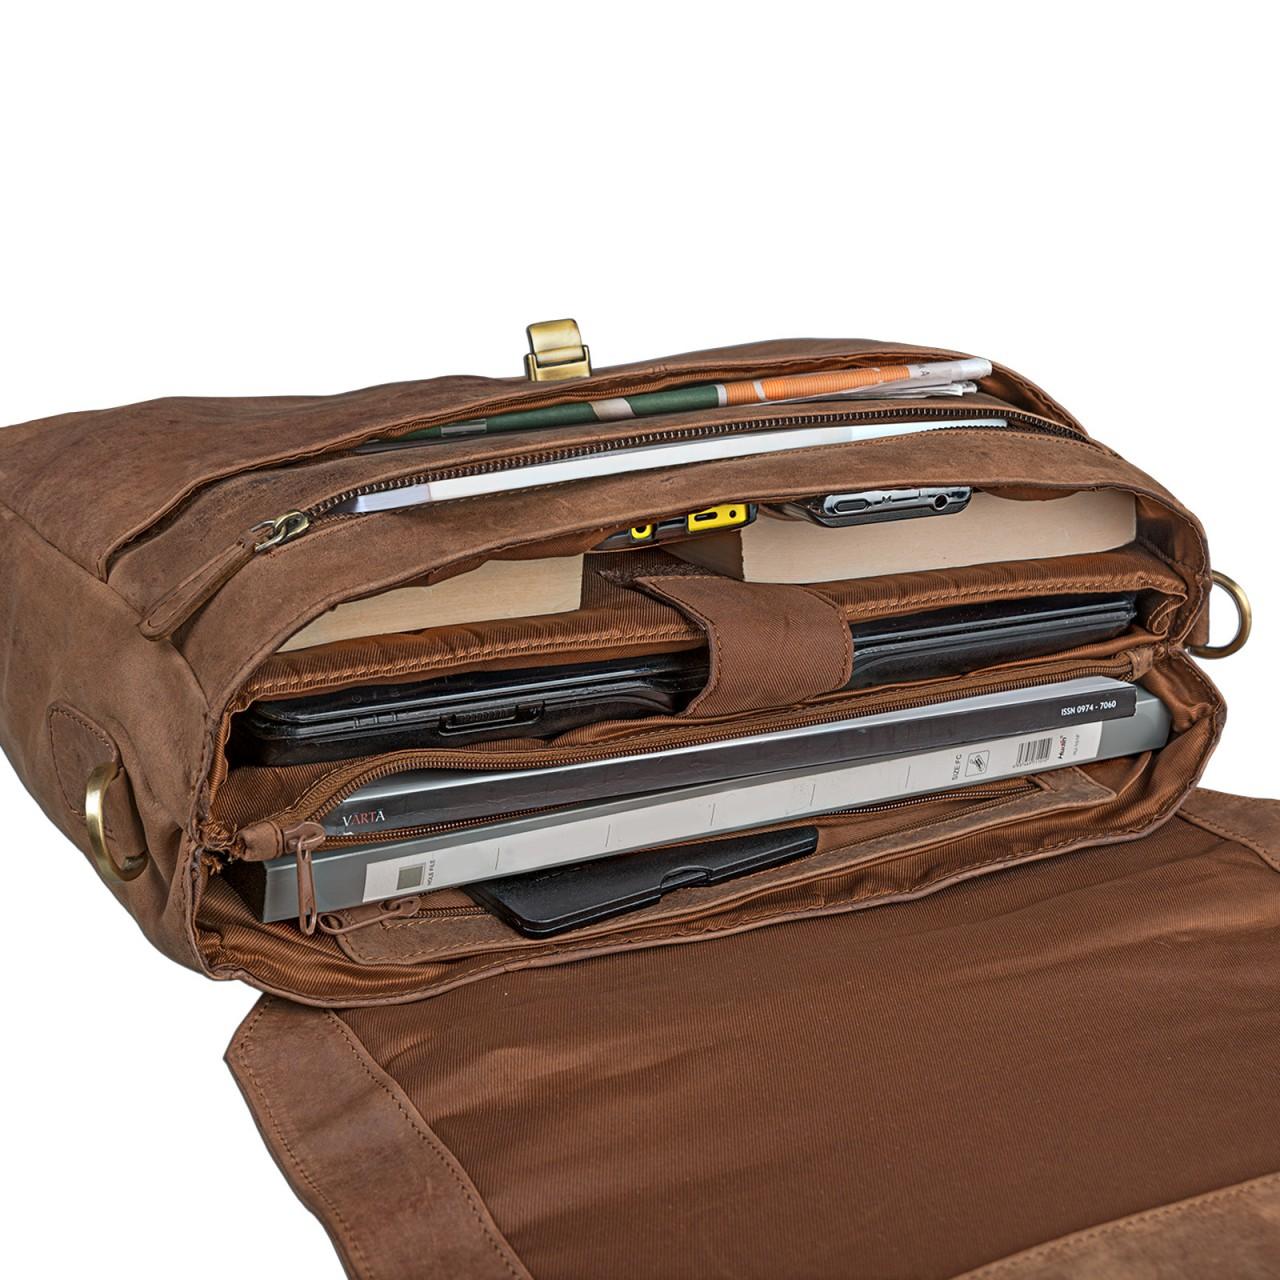 STILORD Umhängetasche 15,6 Zoll Laptoptasche Schultertasche Unitasche Bürotasche Arbeit Lehrer MacBooks Notebooktasche Leder Cognac braun - Bild 3